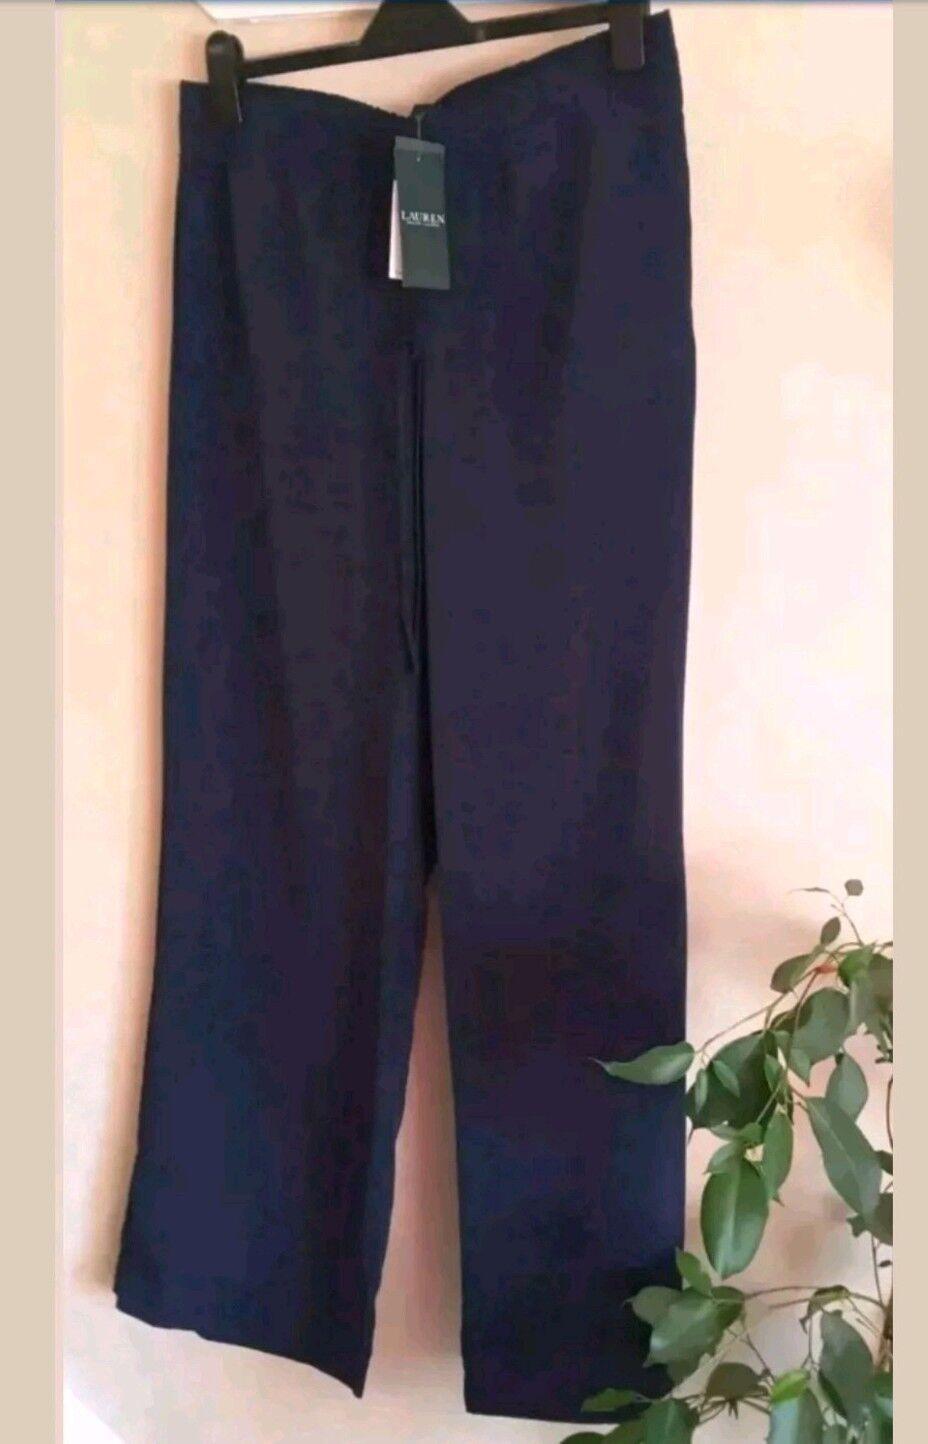 Ralph Lauren gamba larga Palazzo pantaloni colore blu navy, seta al tatto Taglia 14 NUOVO PREZZO CONSIGLIATO